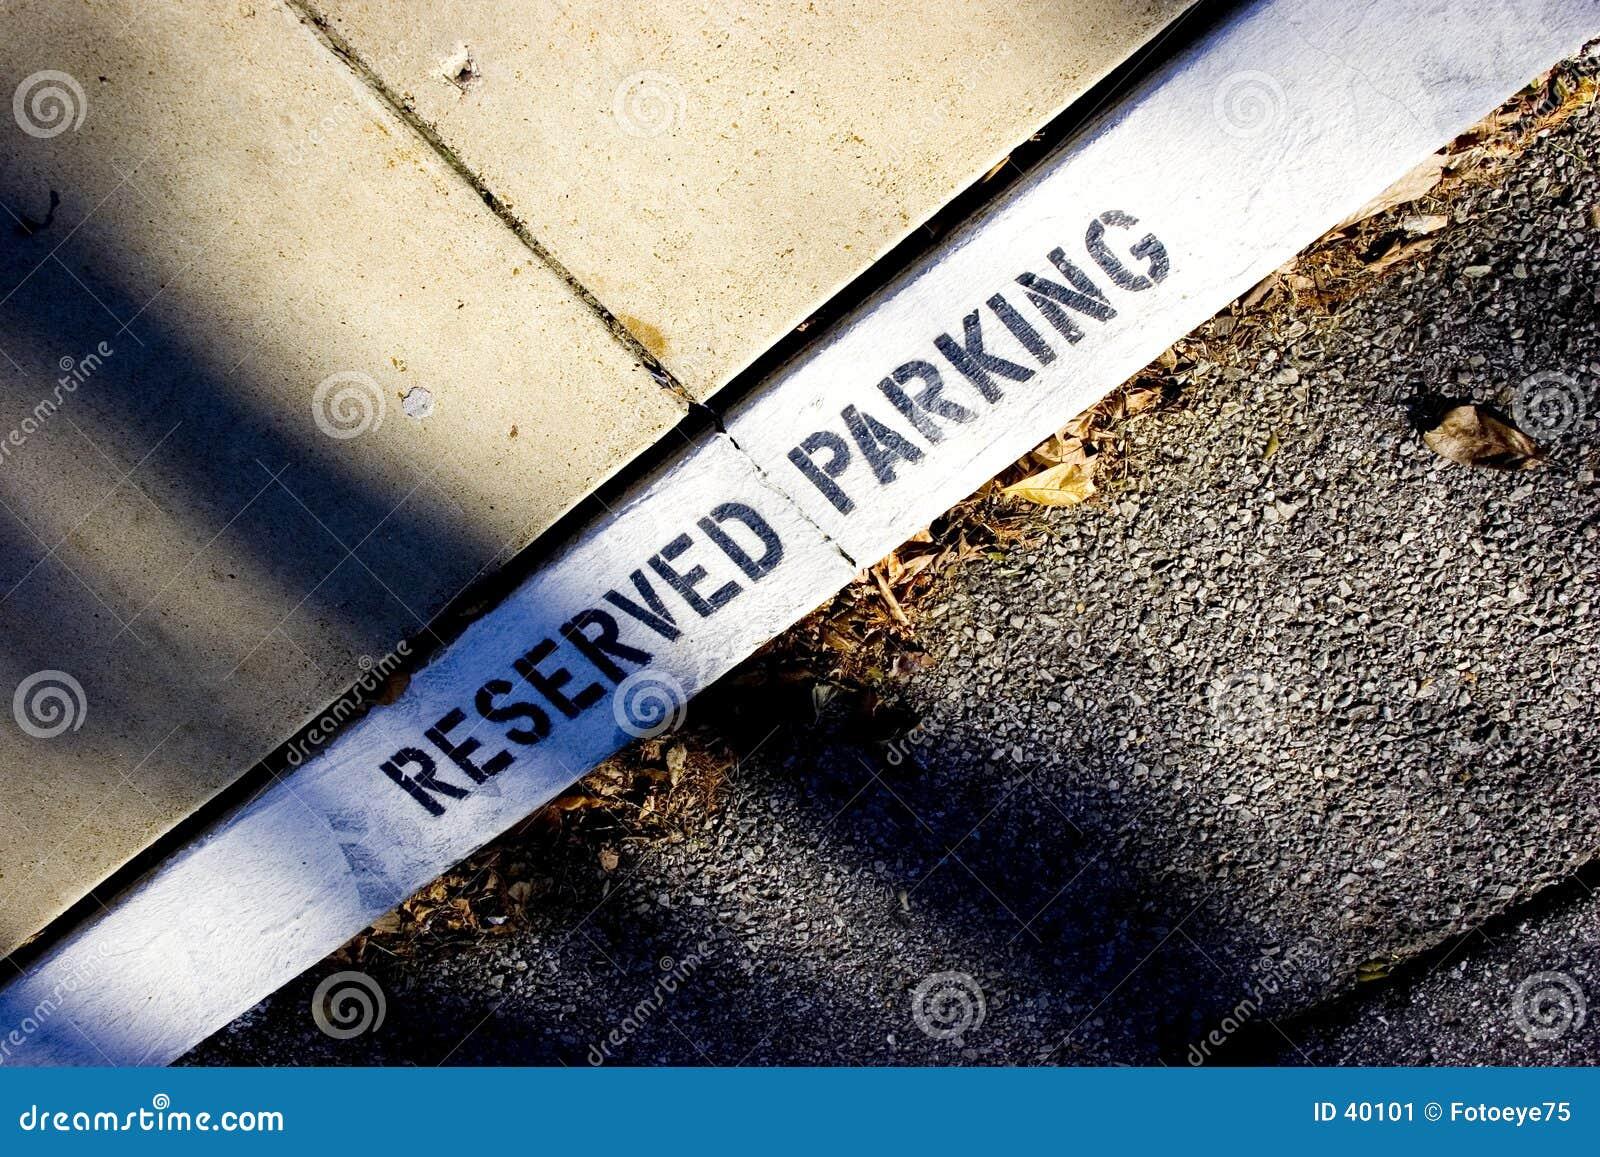 Estacionamento Reserved